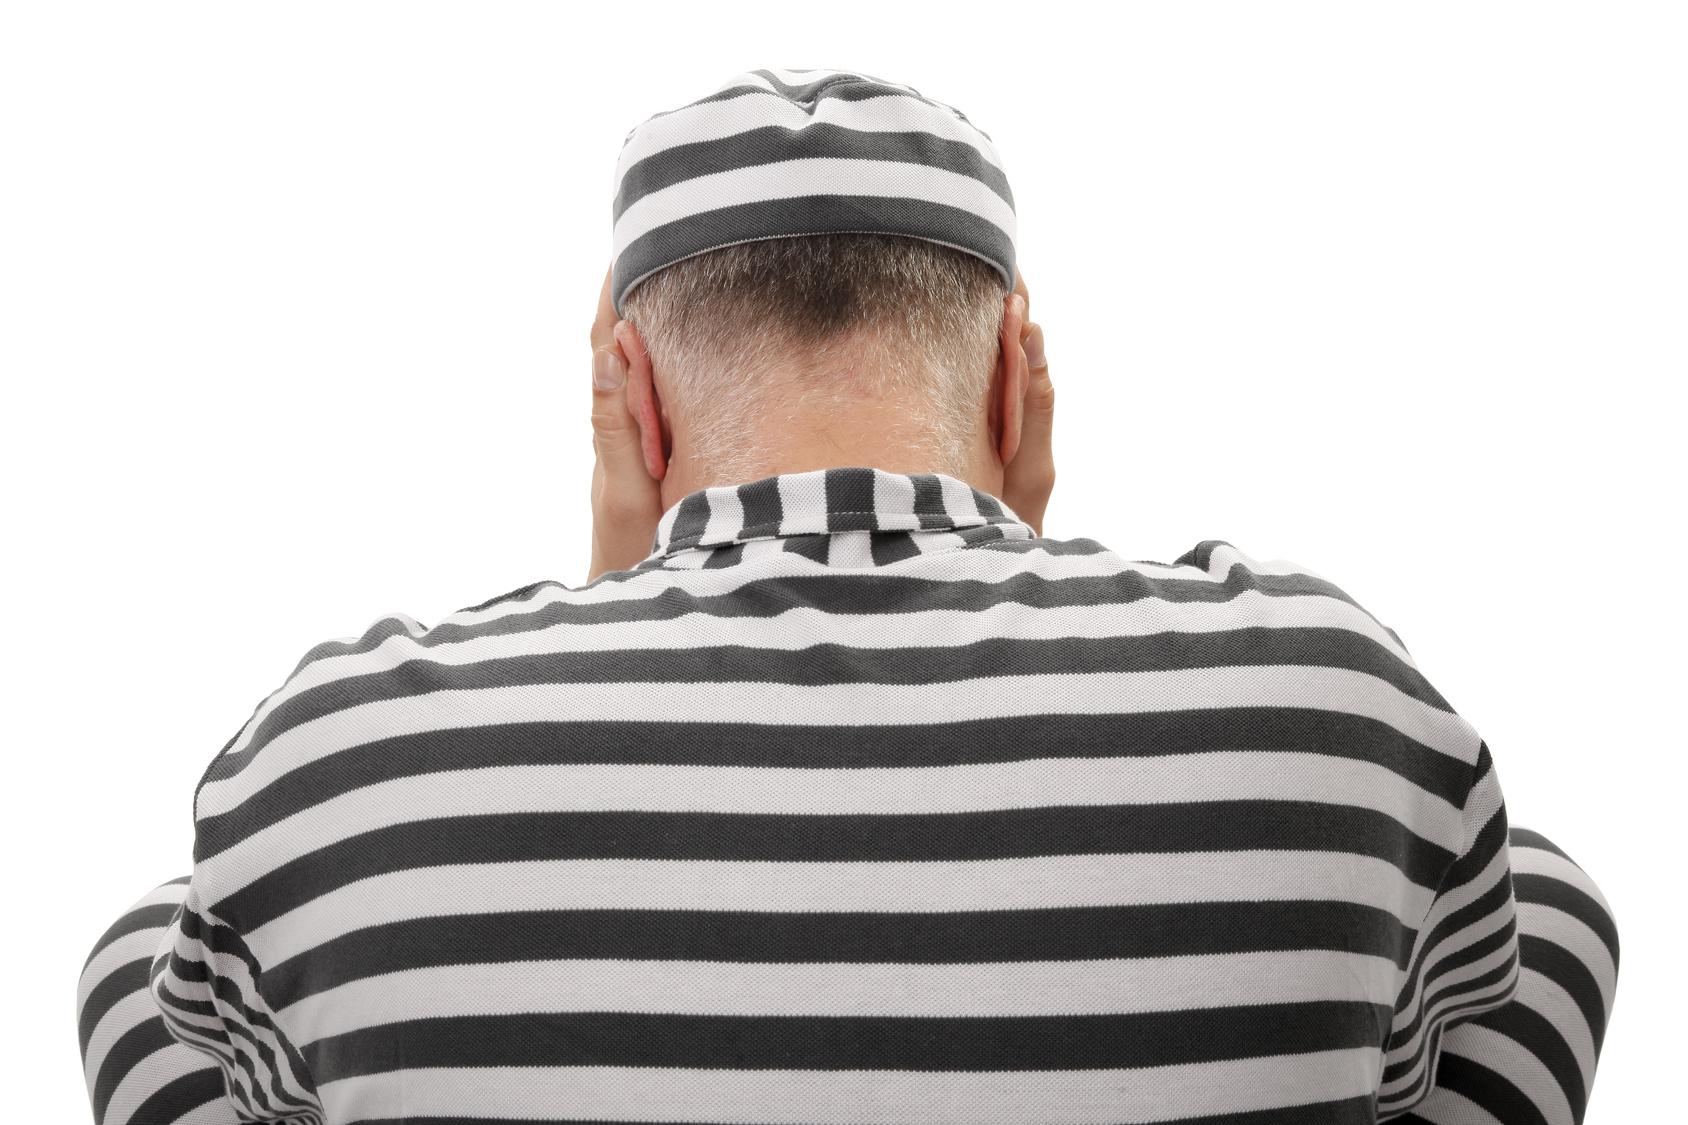 Convict prisoner jailbird is desperate